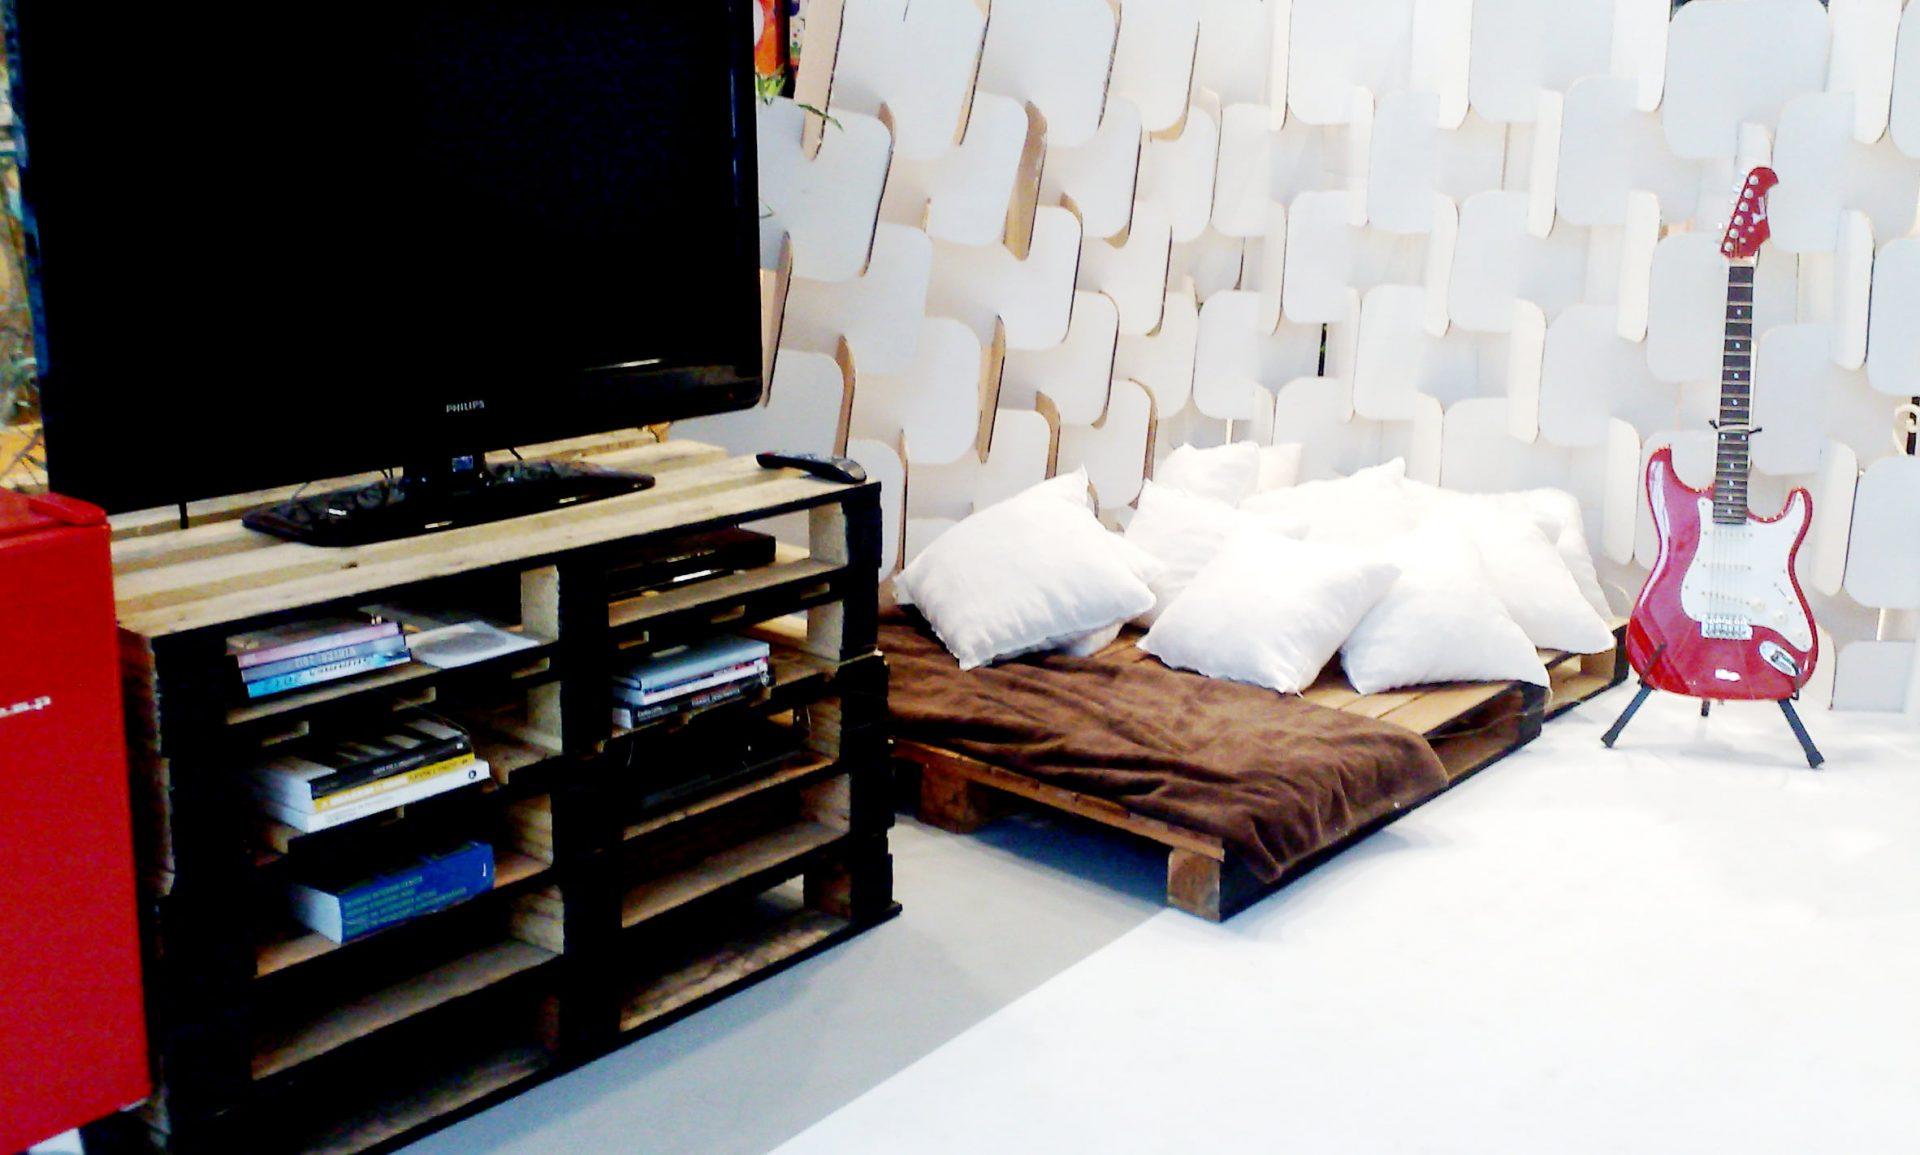 ambientes decorados com objetos reciclados Mania de Decoração #AF0812 2364x1422